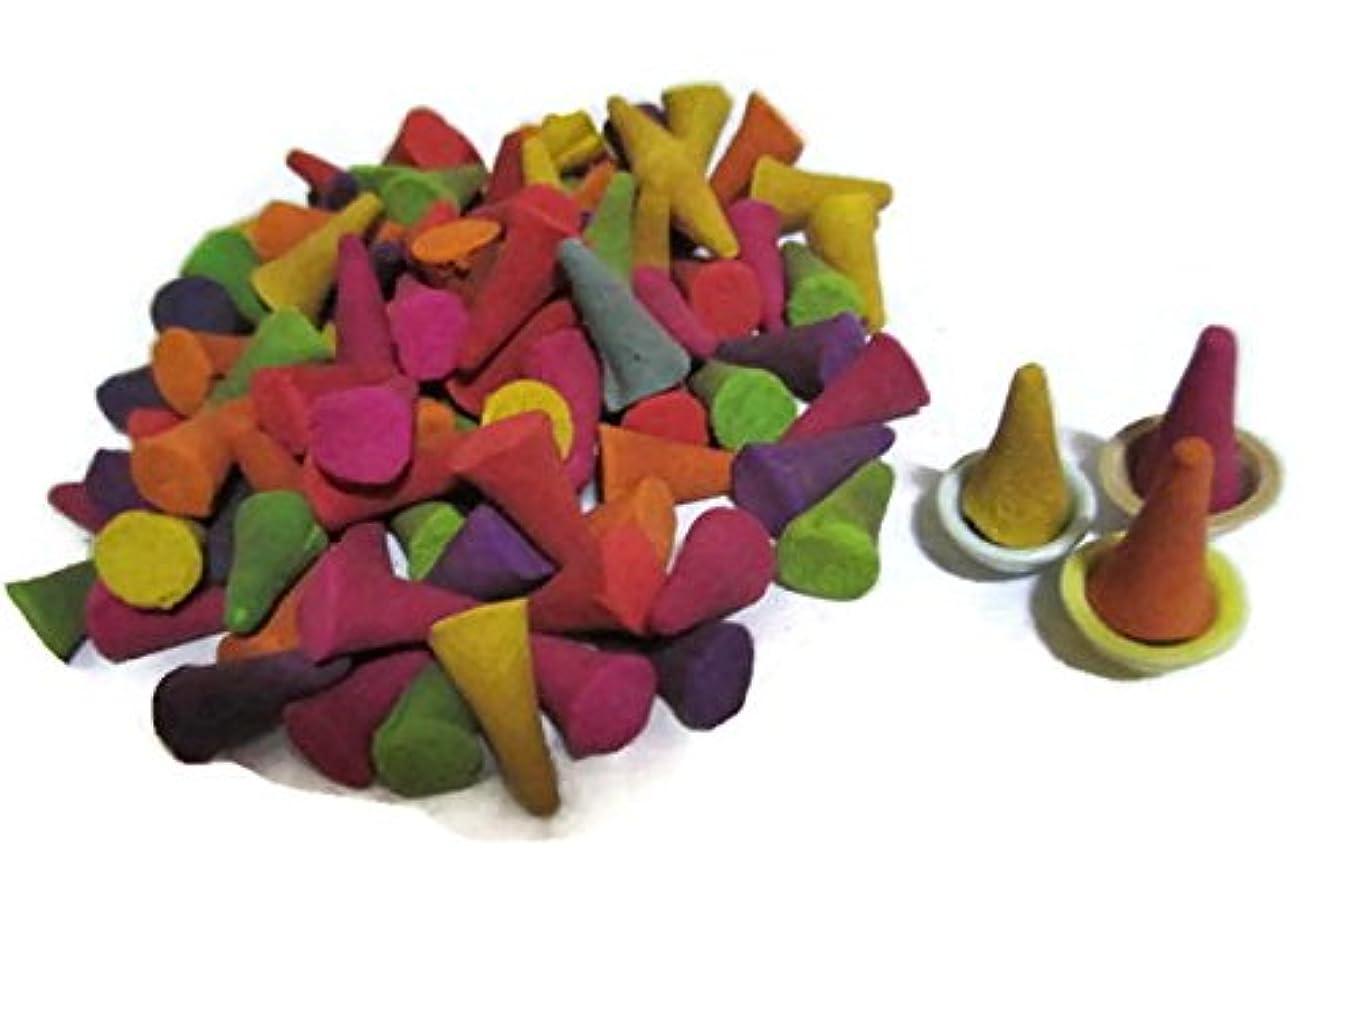 勃起マルクス主義スプーンIncense Conesミックスのさまざまな香り(パックof 100?Cones )タイ製品